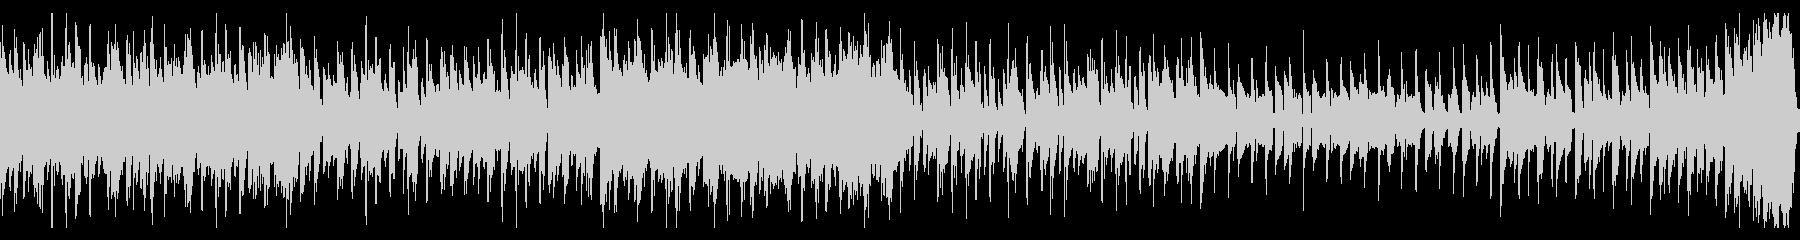 中東的な音階のEDM風ループの未再生の波形